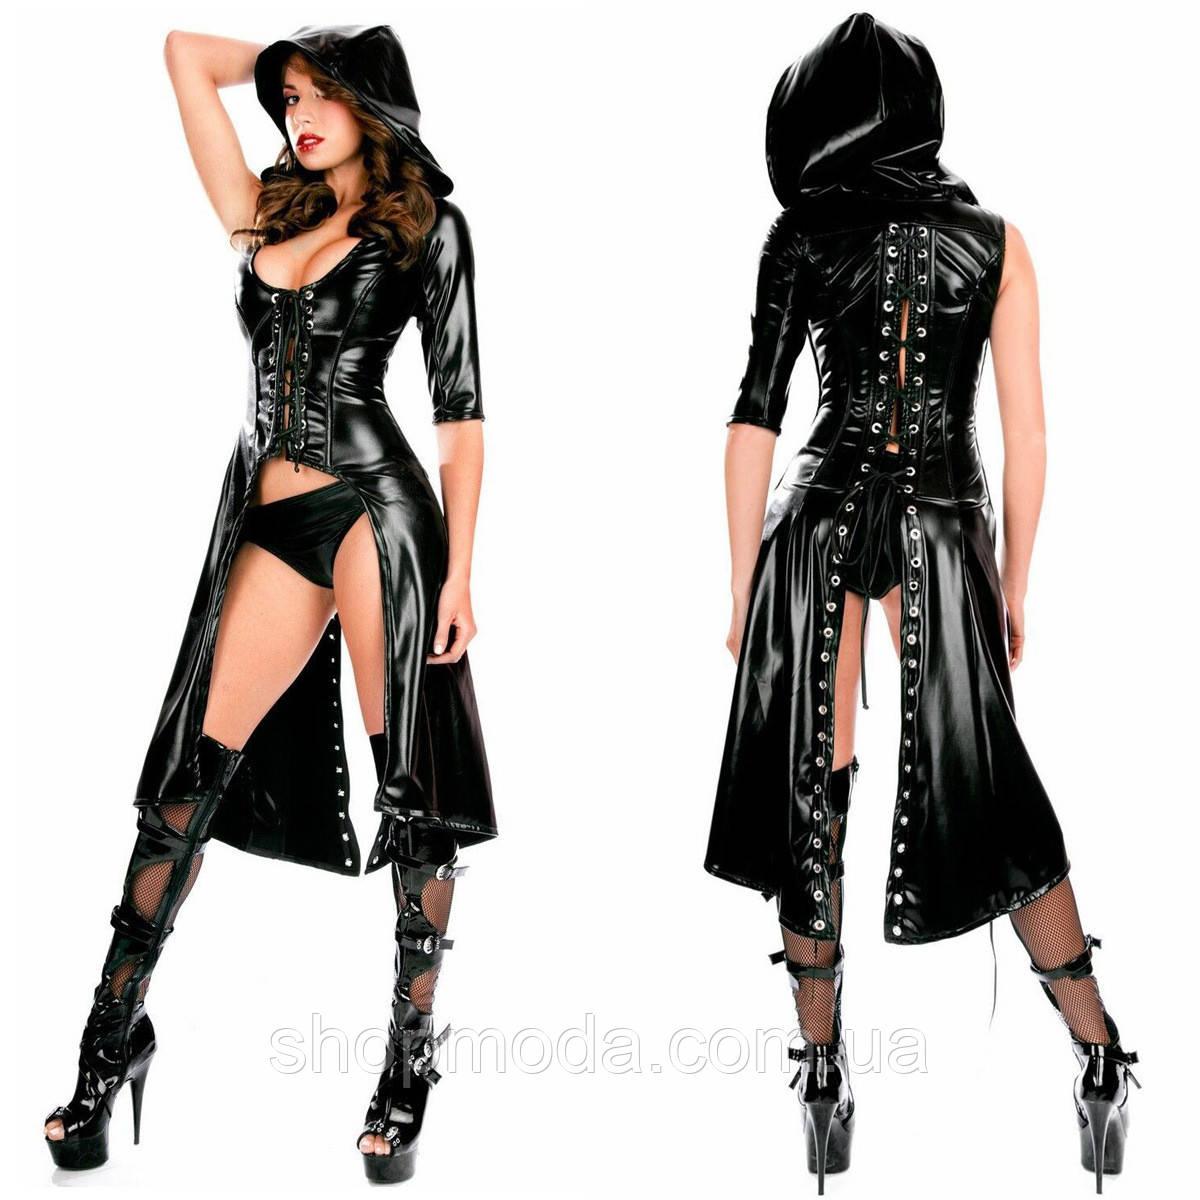 Латексное эротическое платье с разрезом и стрингами. Сексуальная женская латексная одежда.